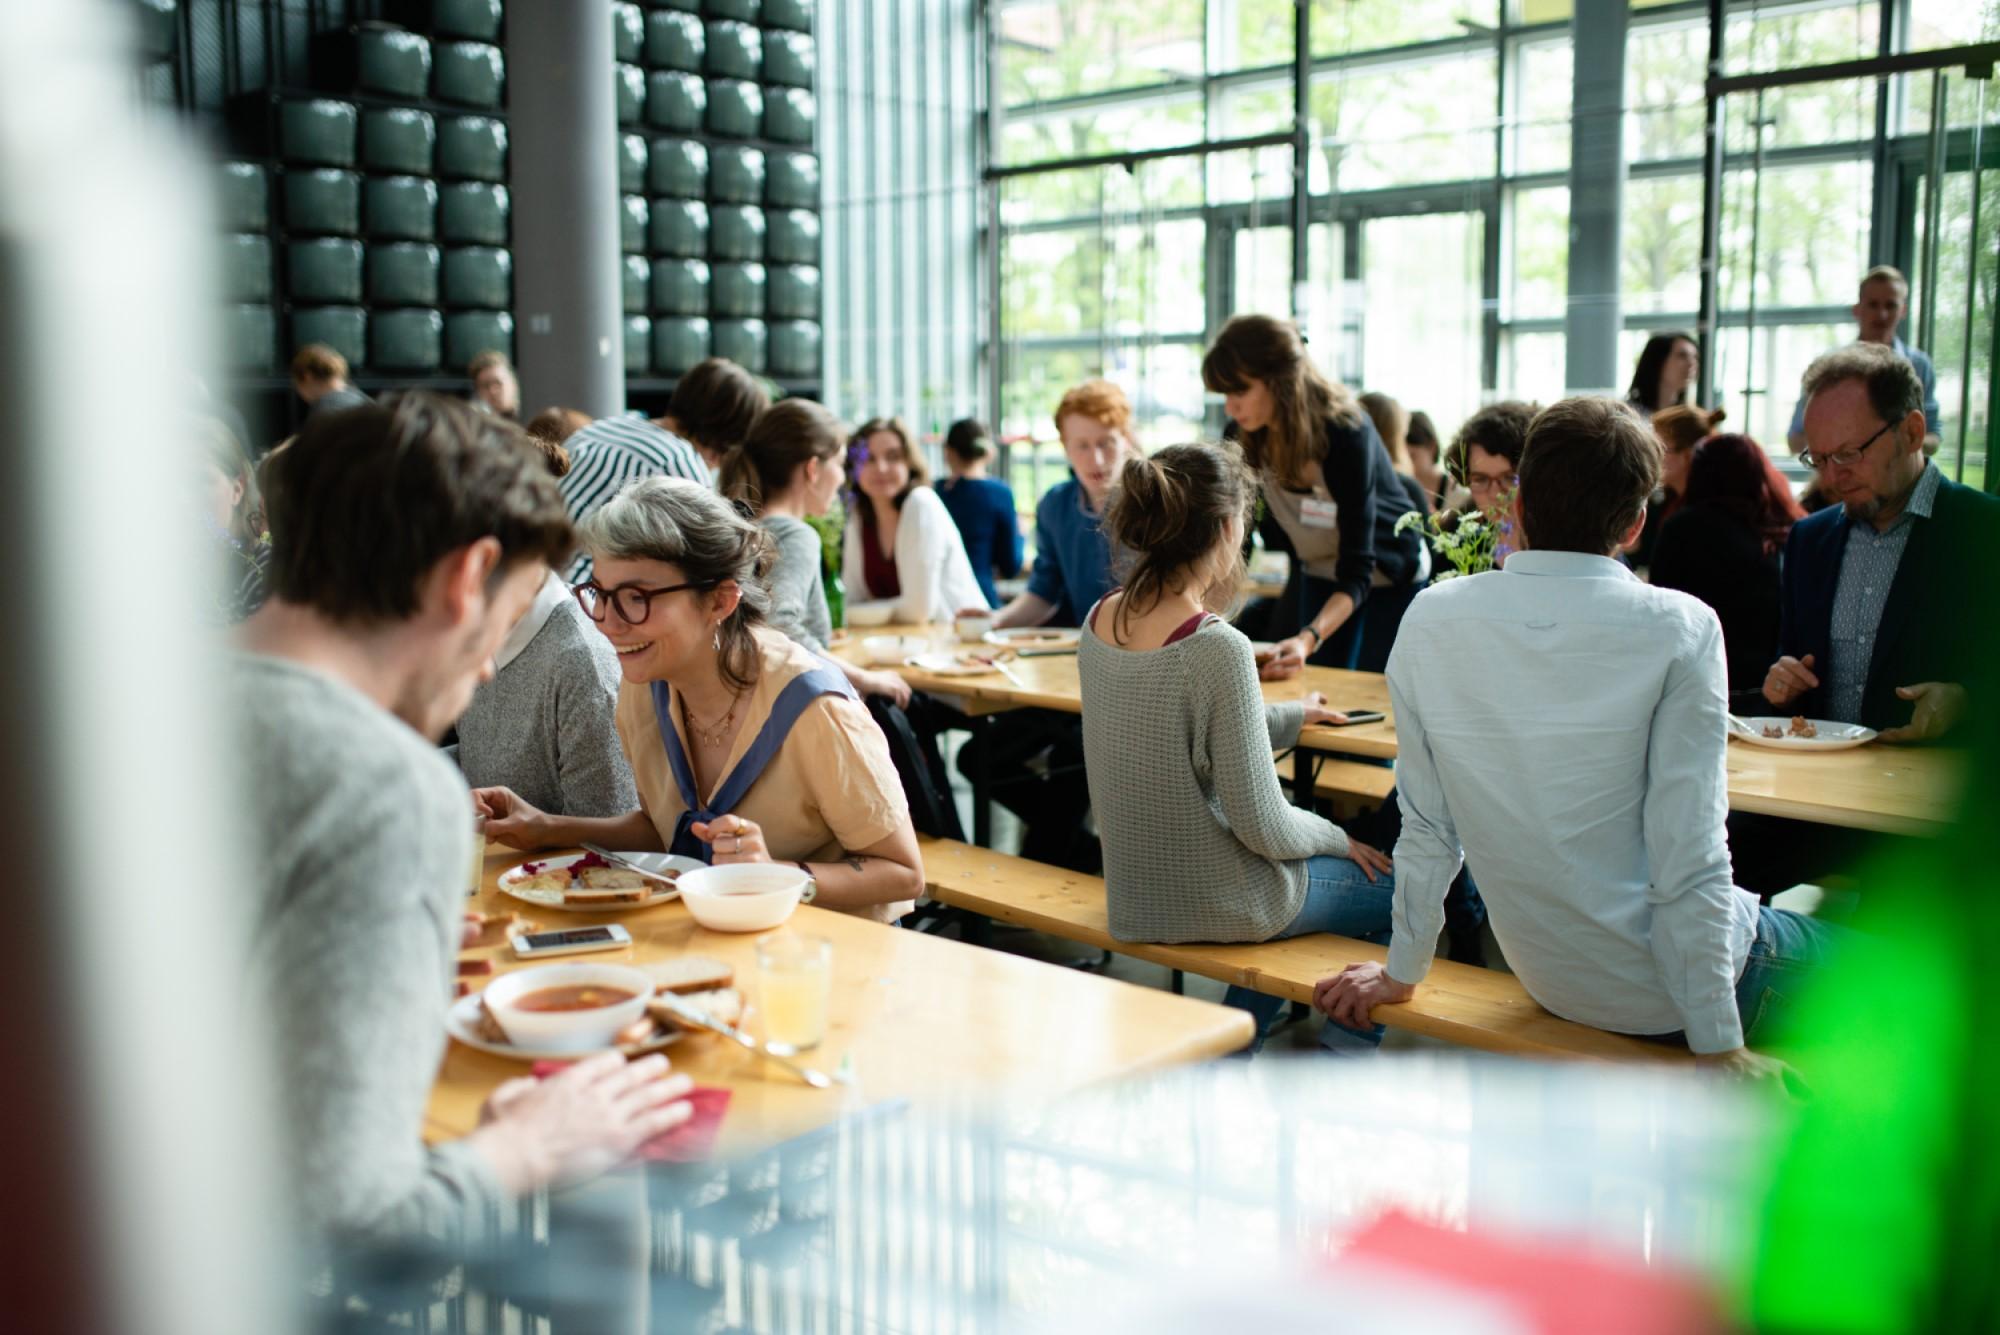 9. VDR Studierendenkolloquium im Mai. Gemeinsames Mittagessen (Foto: Dennis Mitschke, 2019)